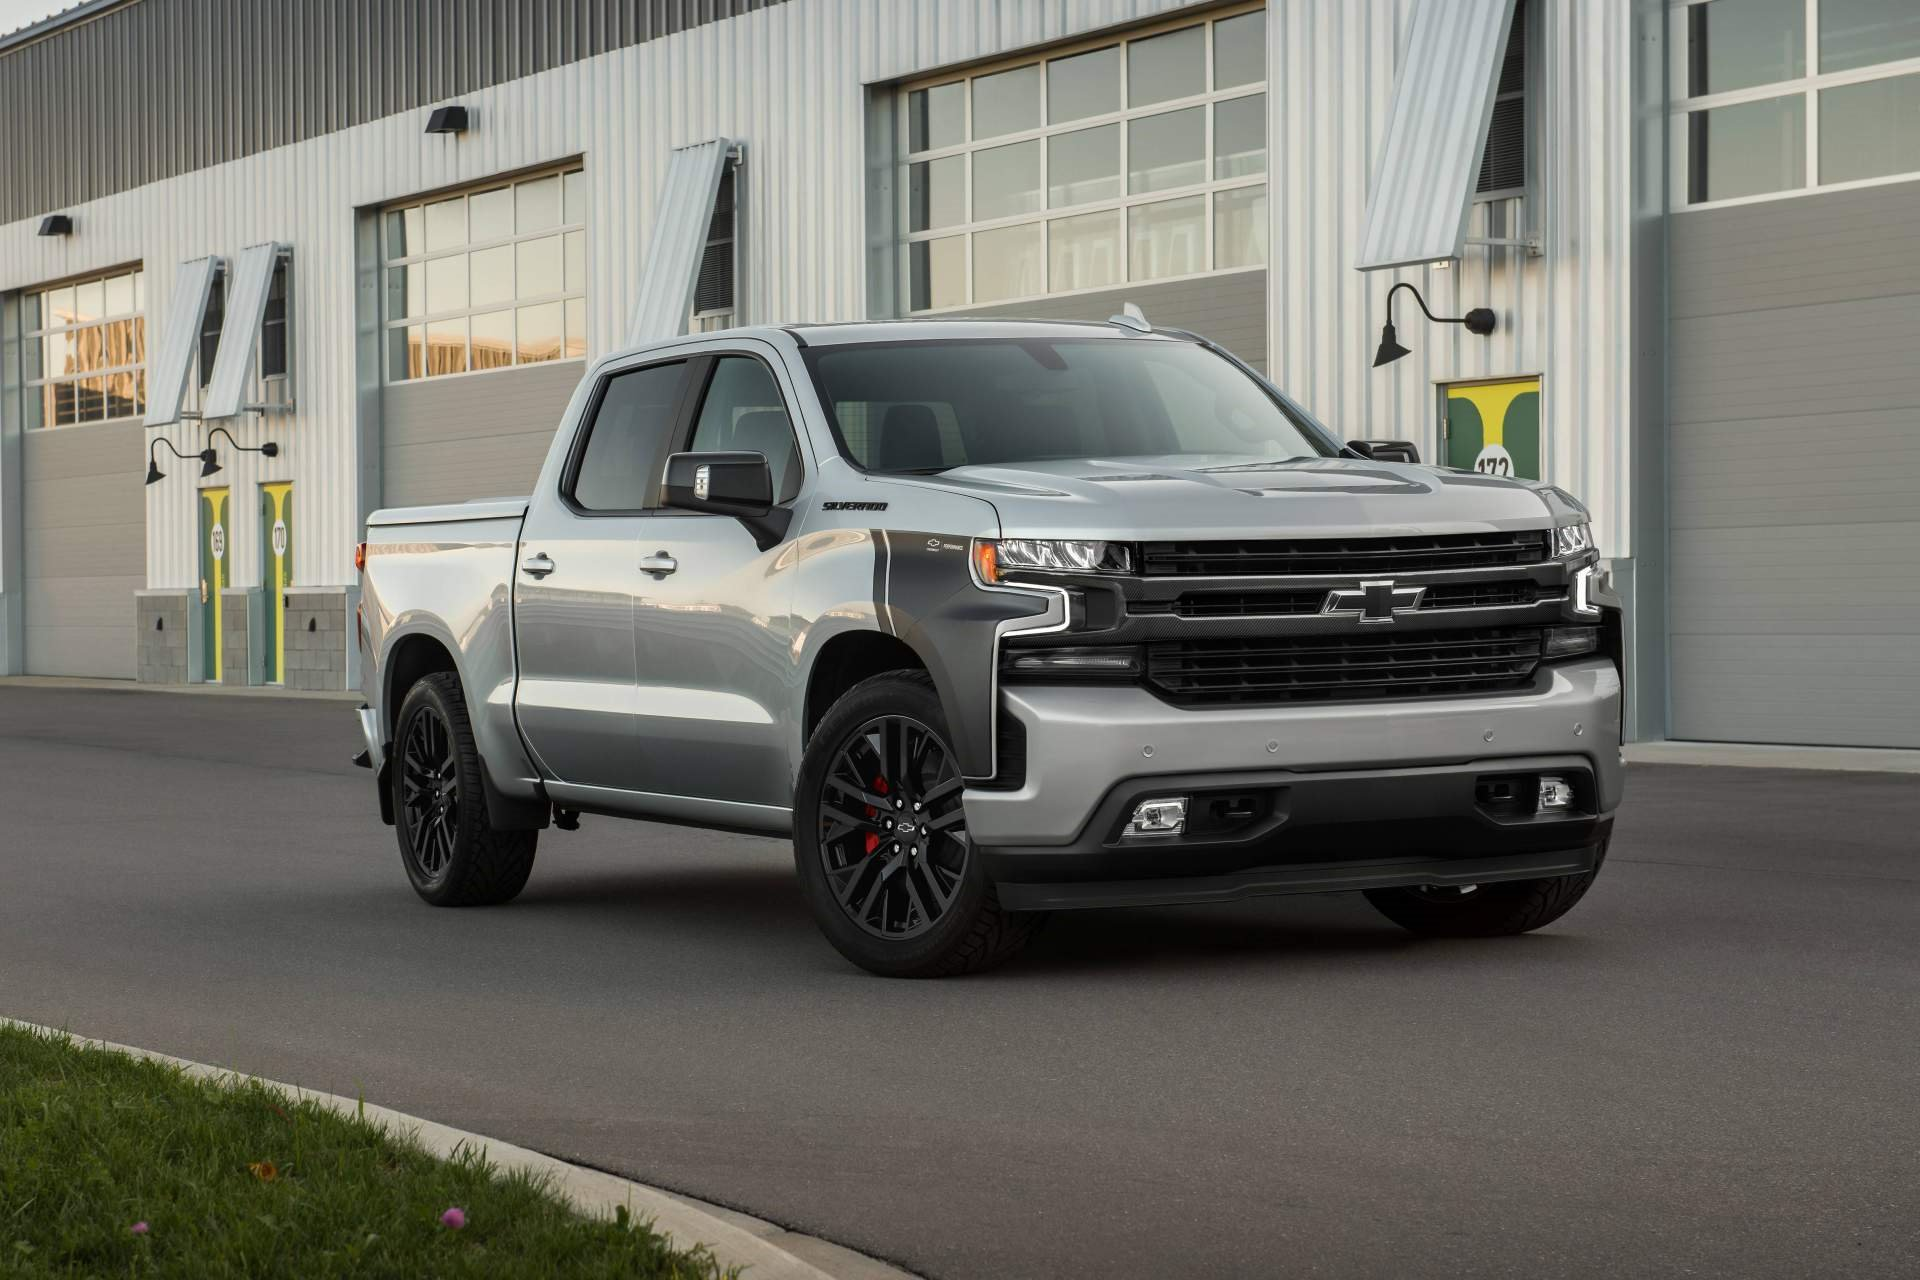 New 2019 Chevrolet-Silverado 2500HD LT Silverado 2500HD LT for sale $47,000 at M and V Leasing in Brooklyn NY 11223 1